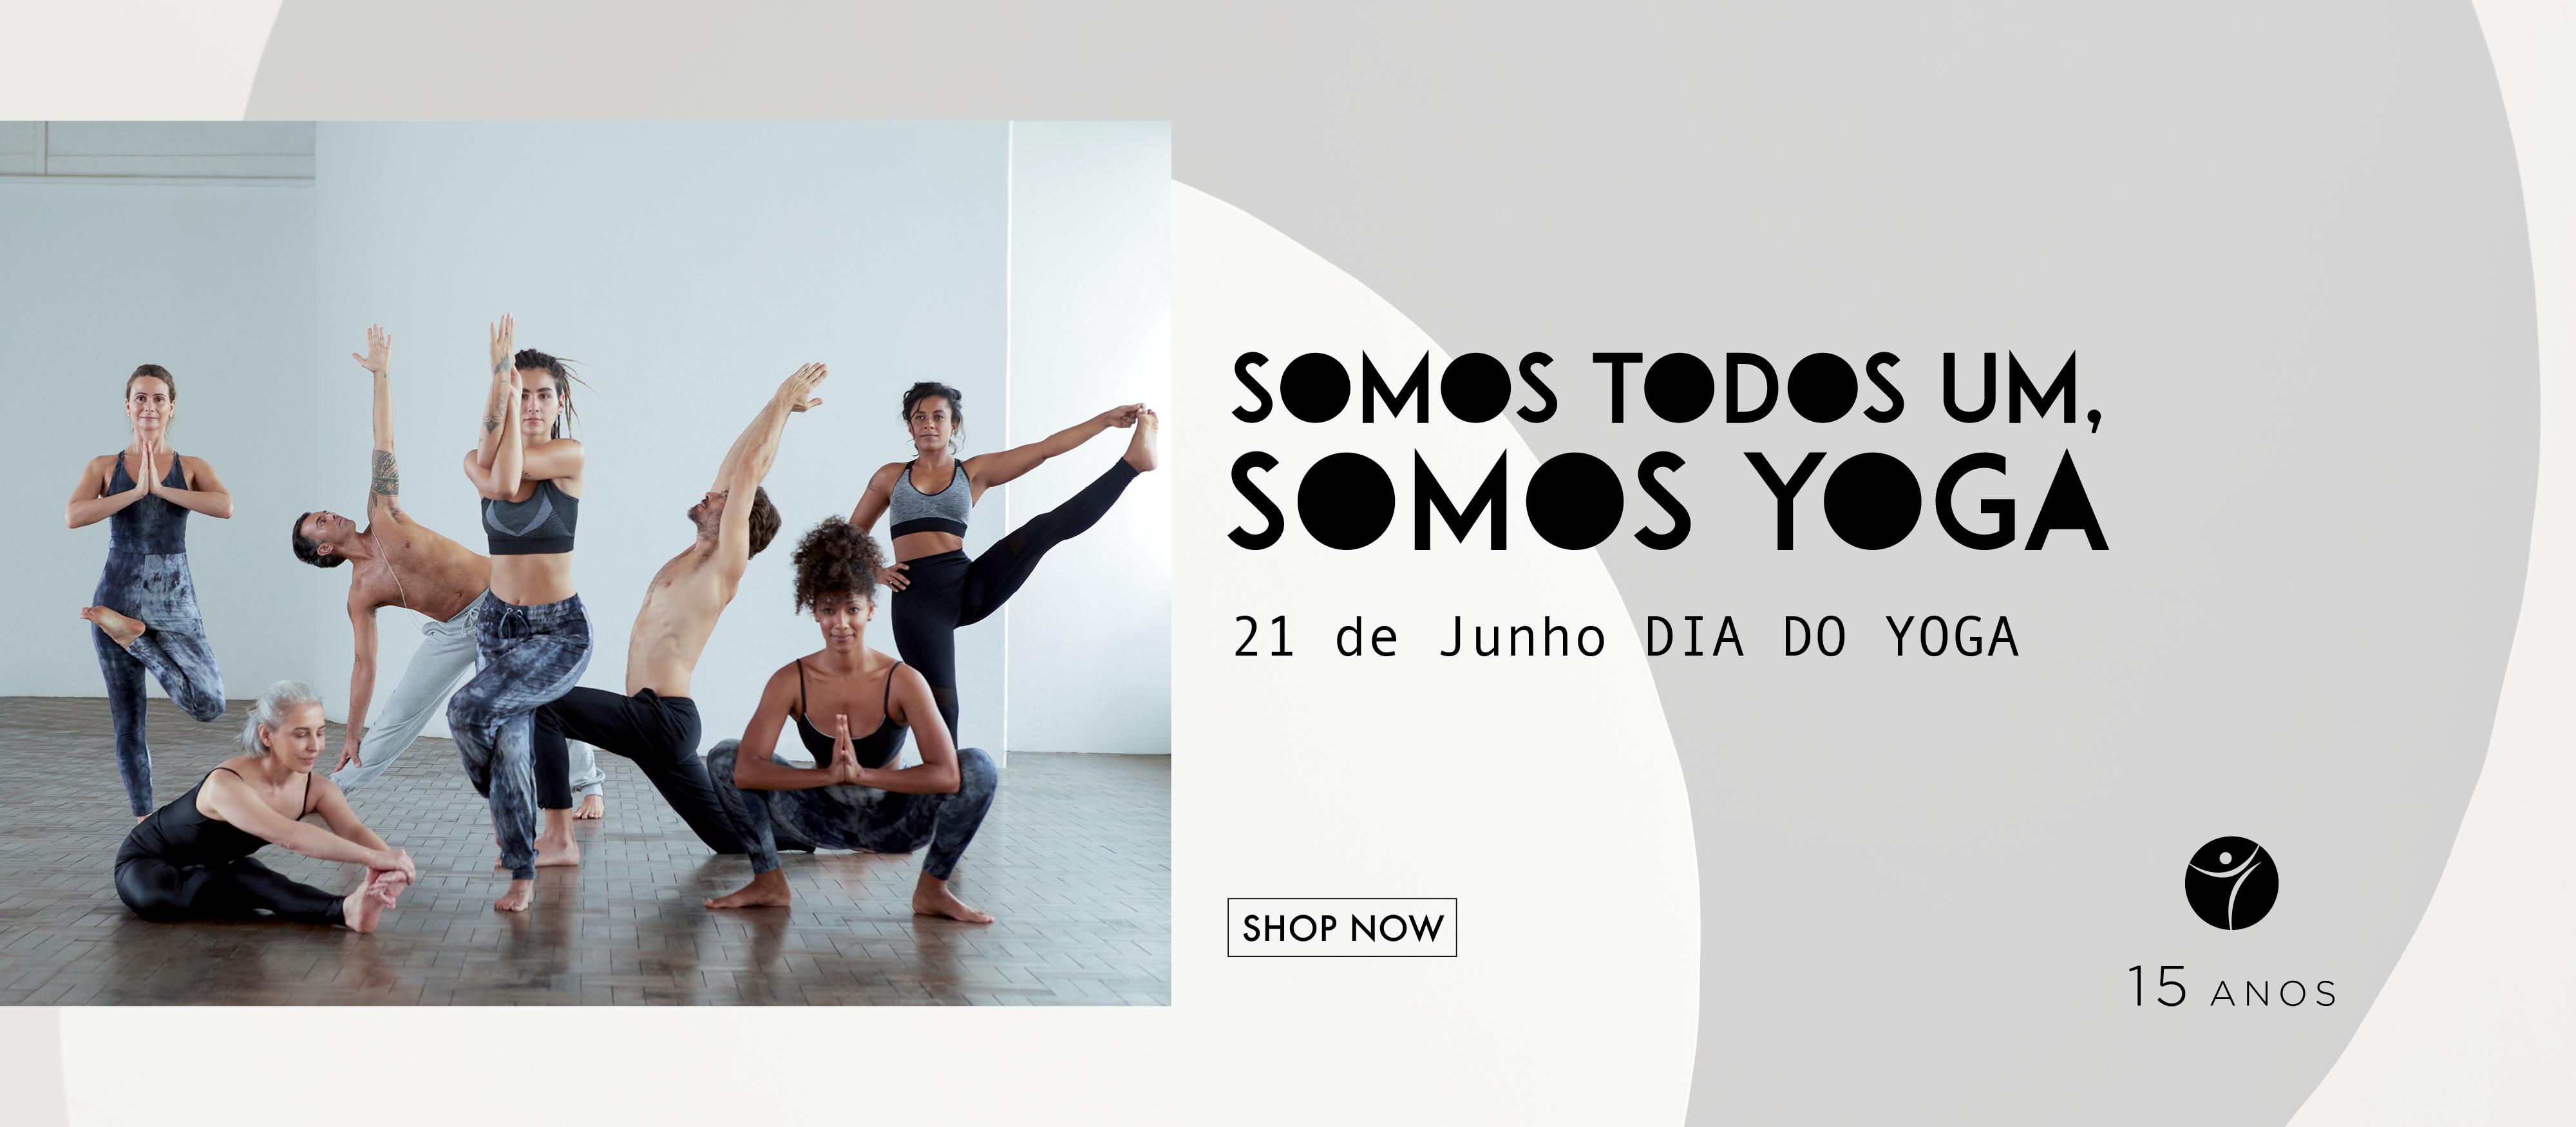 Desktop - 21/06 - dia do yoga